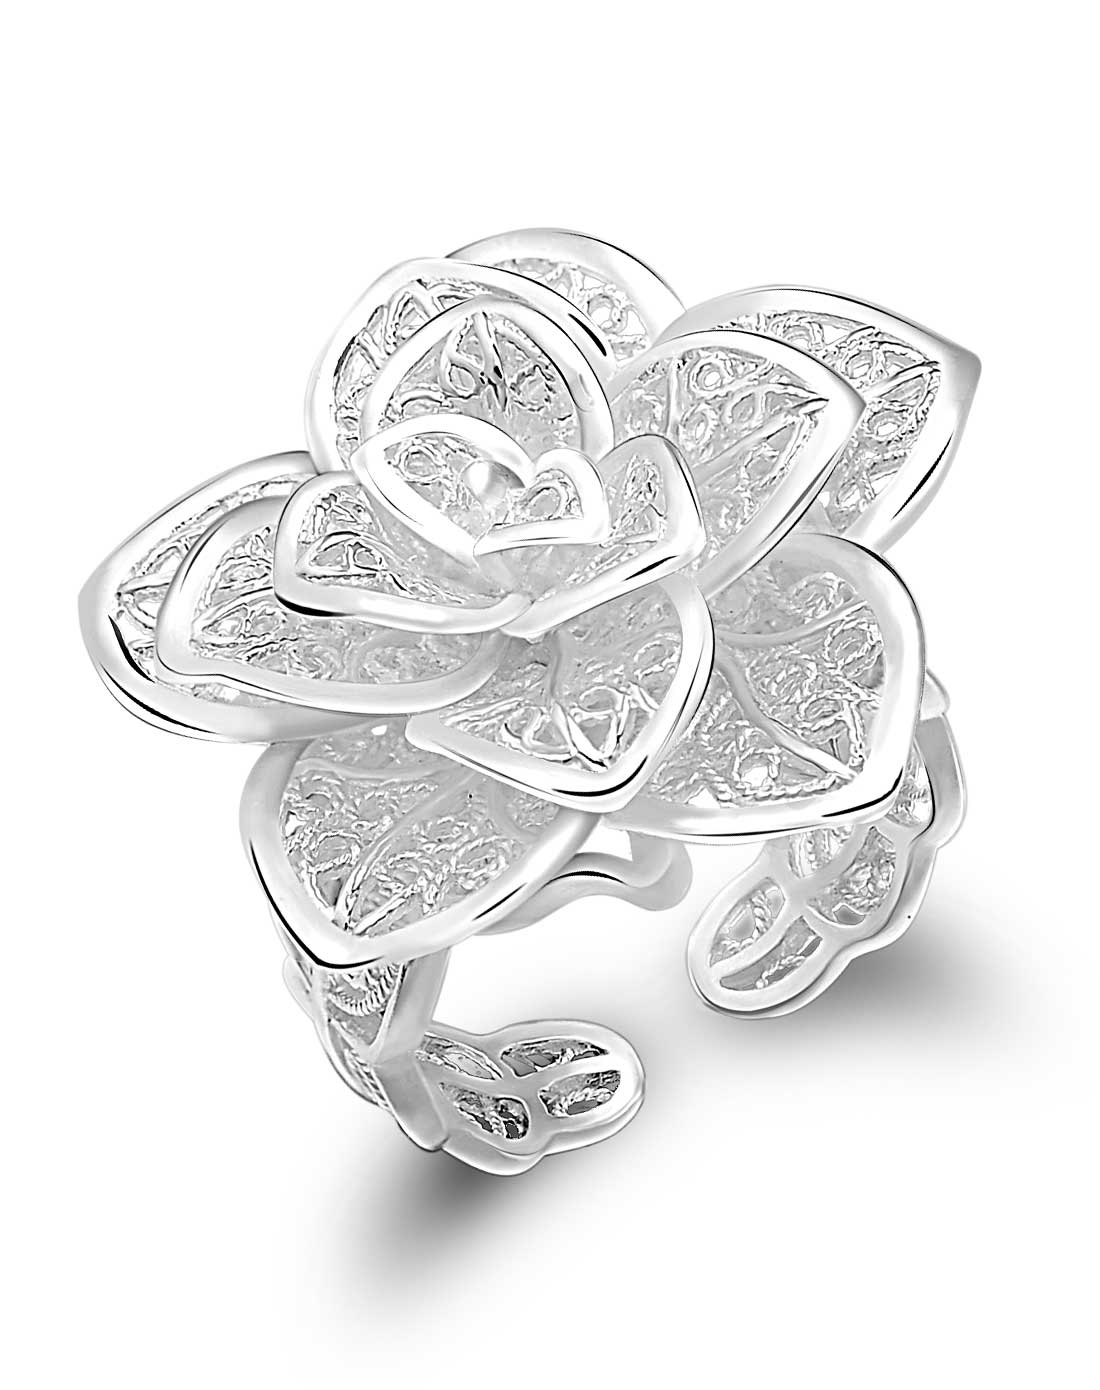 玫瑰纯银戒指